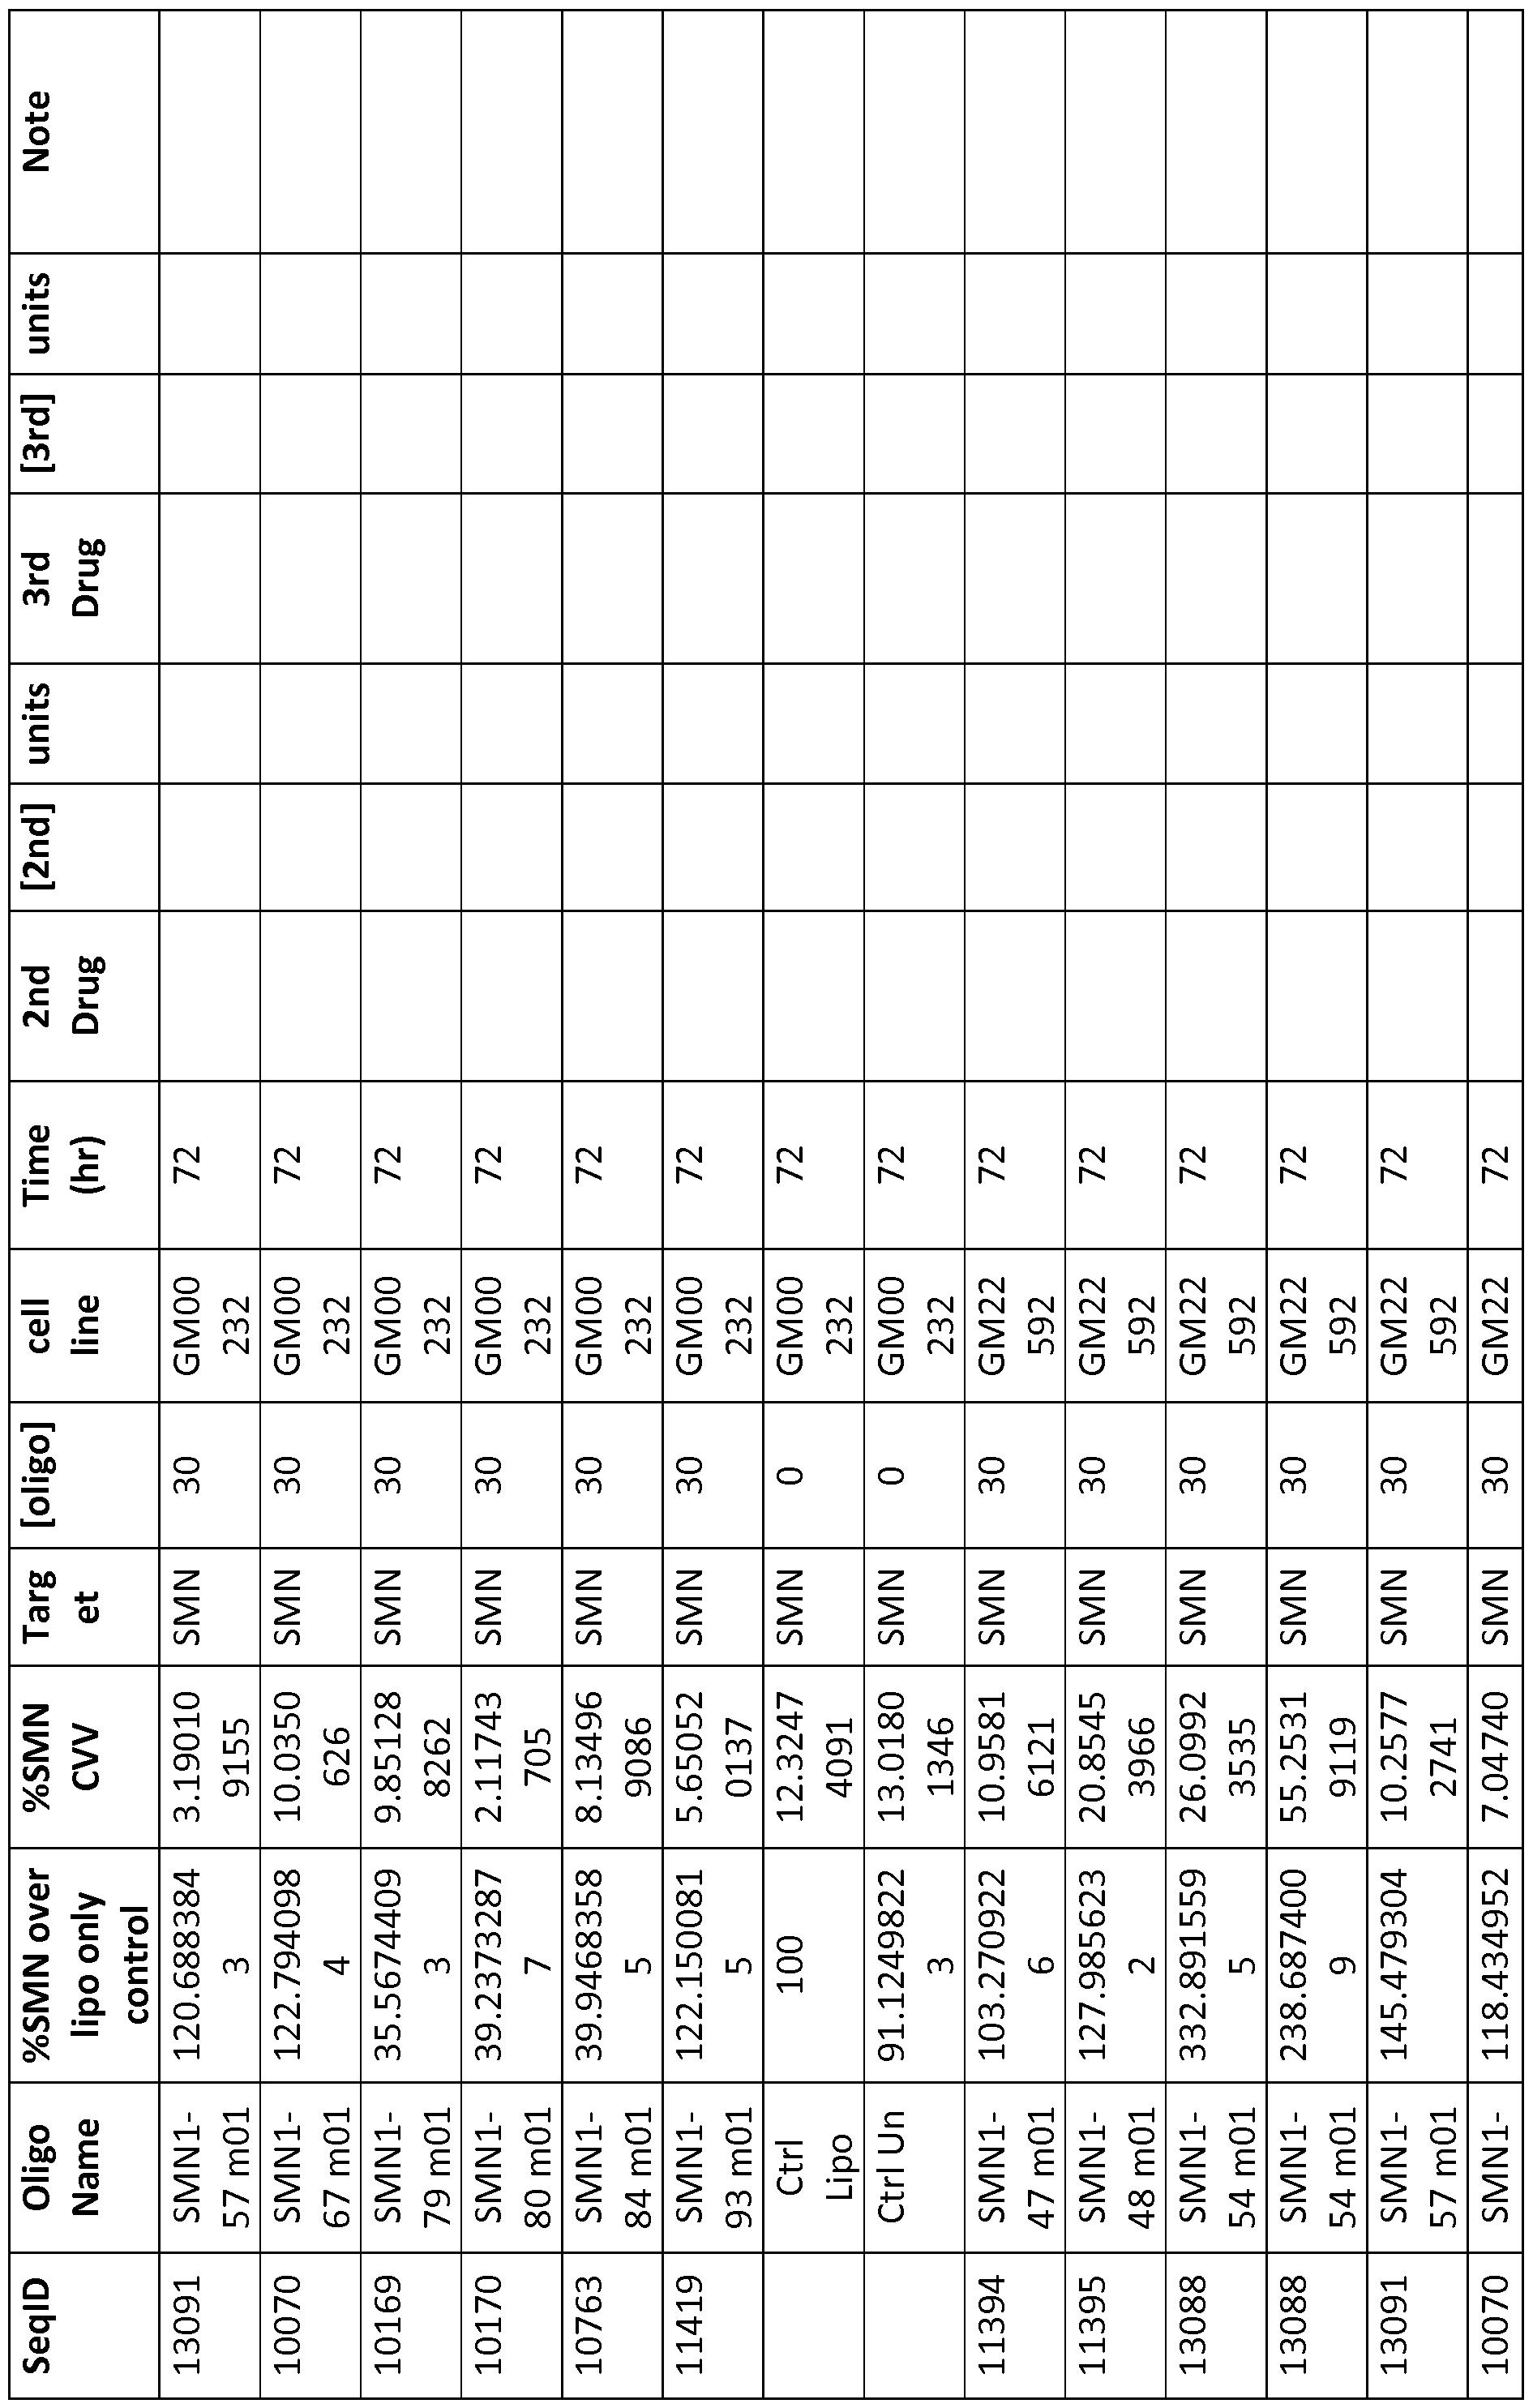 Figure imgf000322_0001